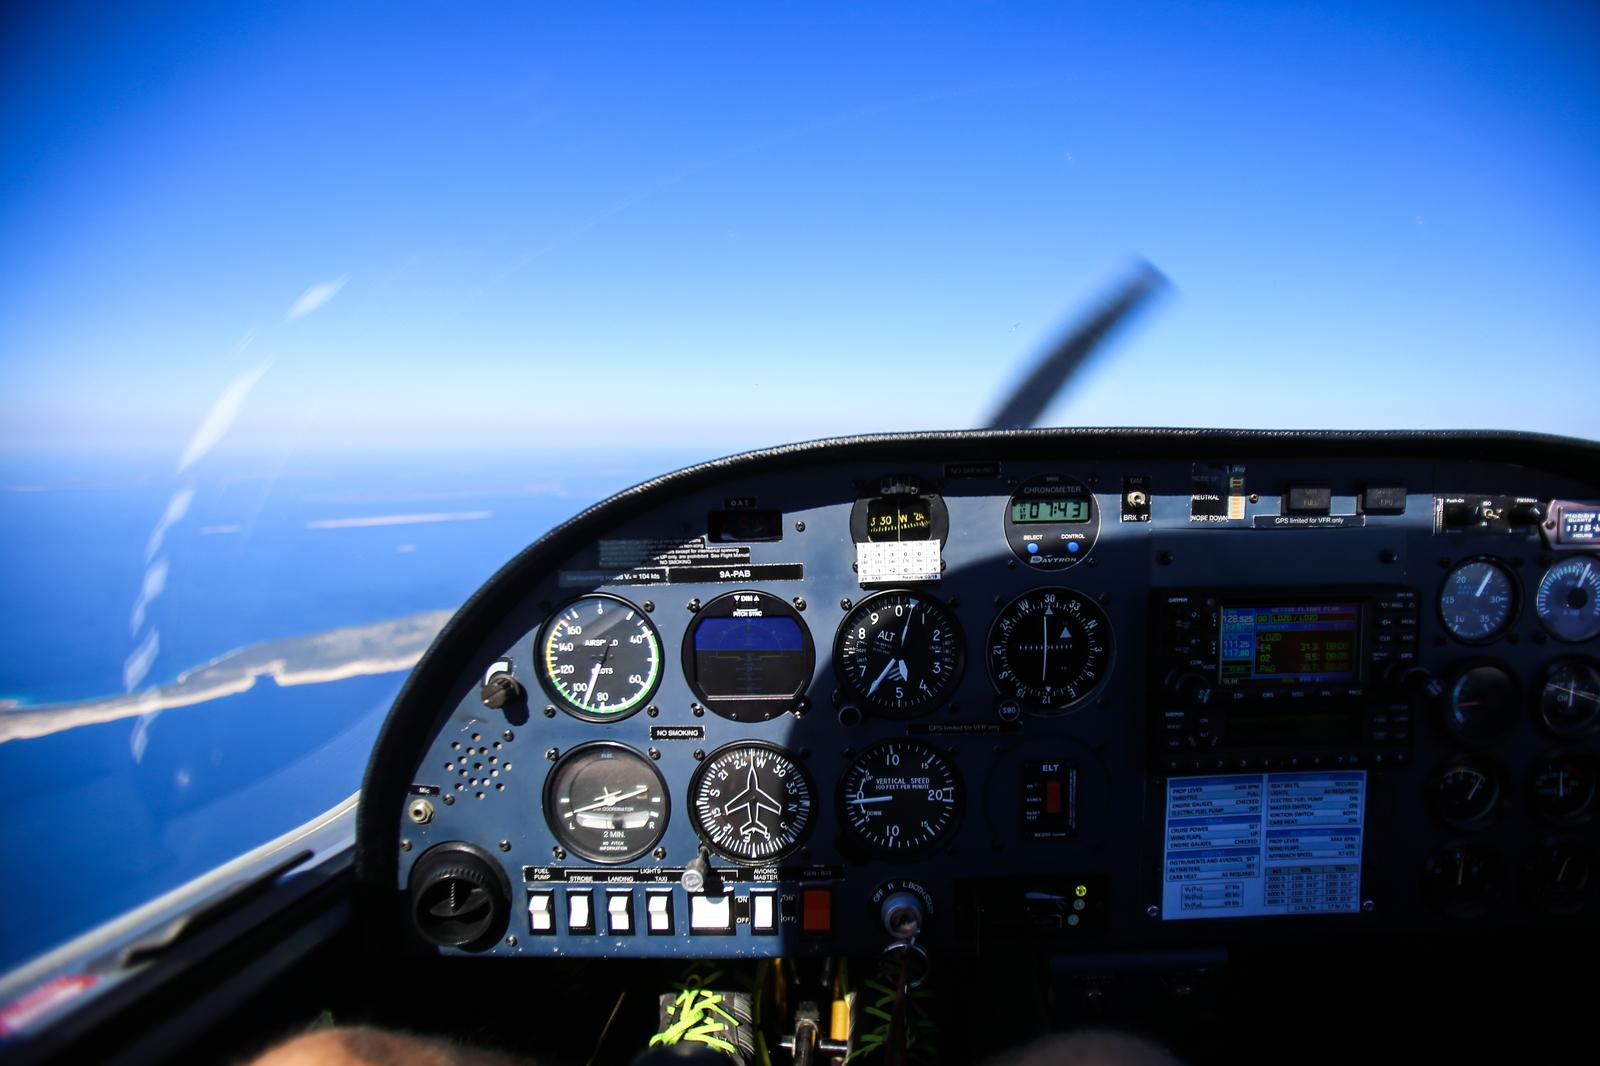 Обучение пилота в европе бесплатное обучение в словакии для украинцев 2020 что